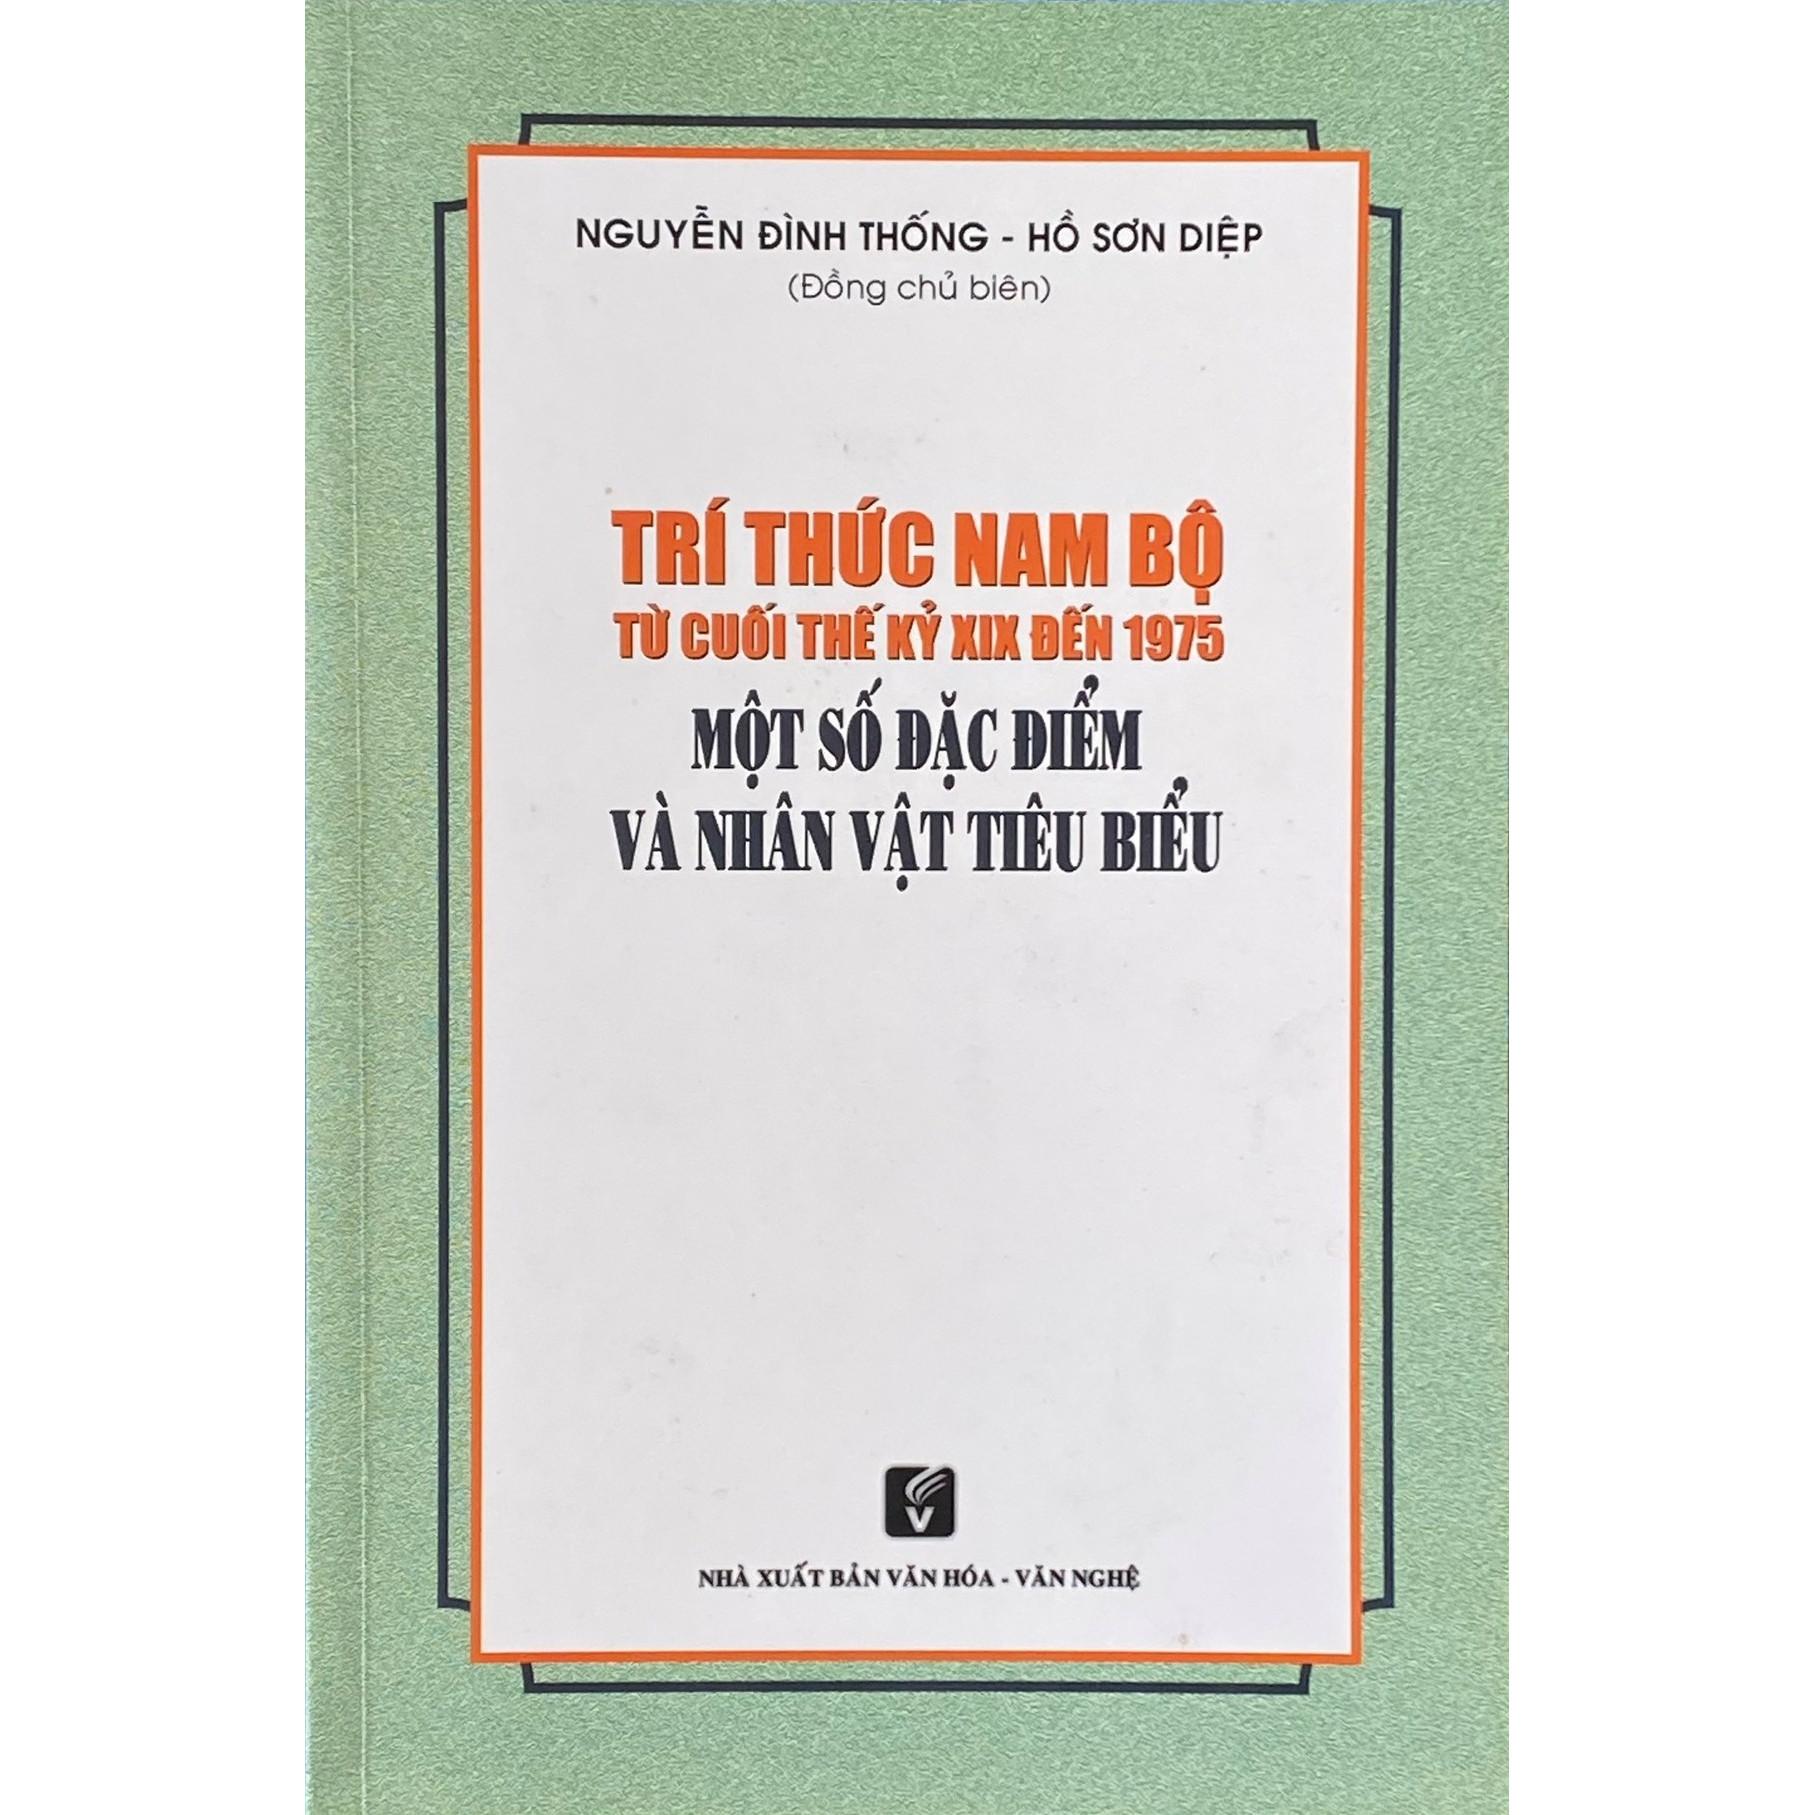 Trí thức Nam bộ từ cuối thế kỷ XIX đến 1975 - Một số đặc điểm và nhân vật tiêu biểu